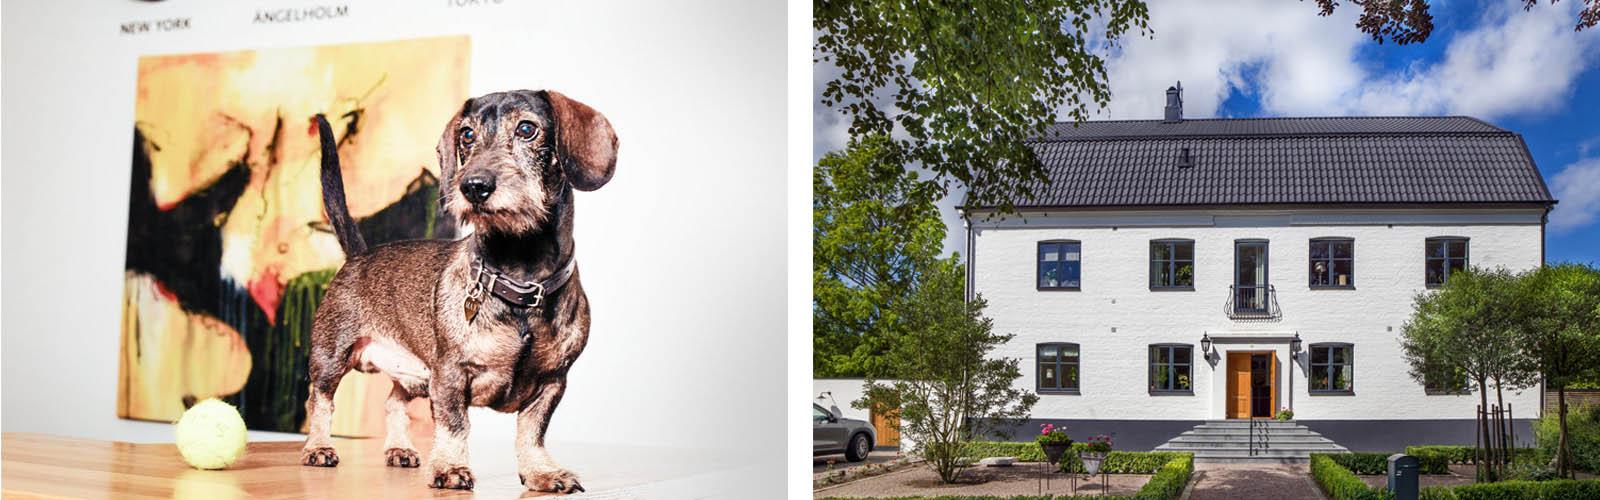 hunden-venstre-hus-fond-forsakring-header